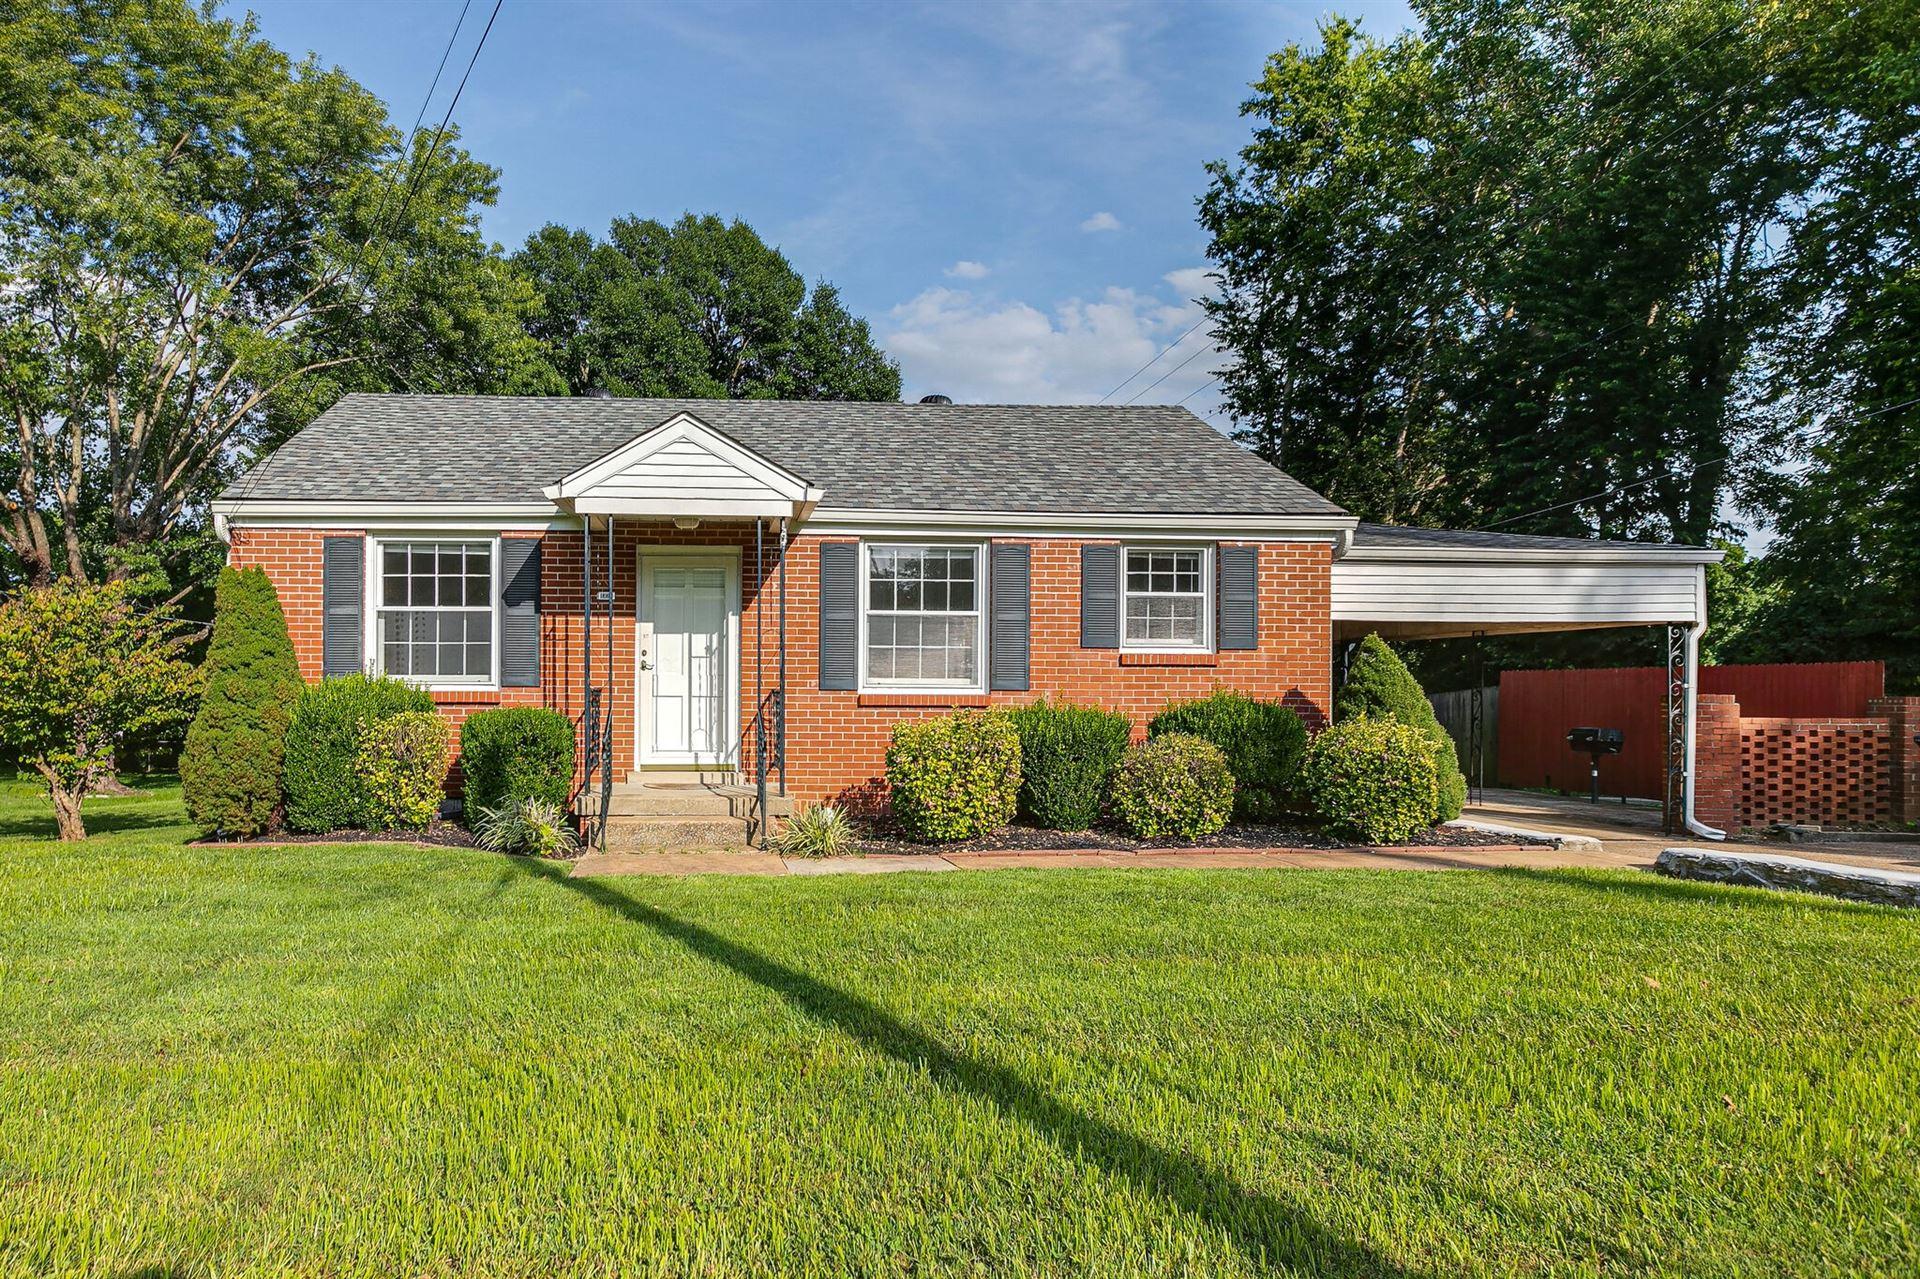 Photo of 1335 Adams St, Franklin, TN 37064 (MLS # 2288247)